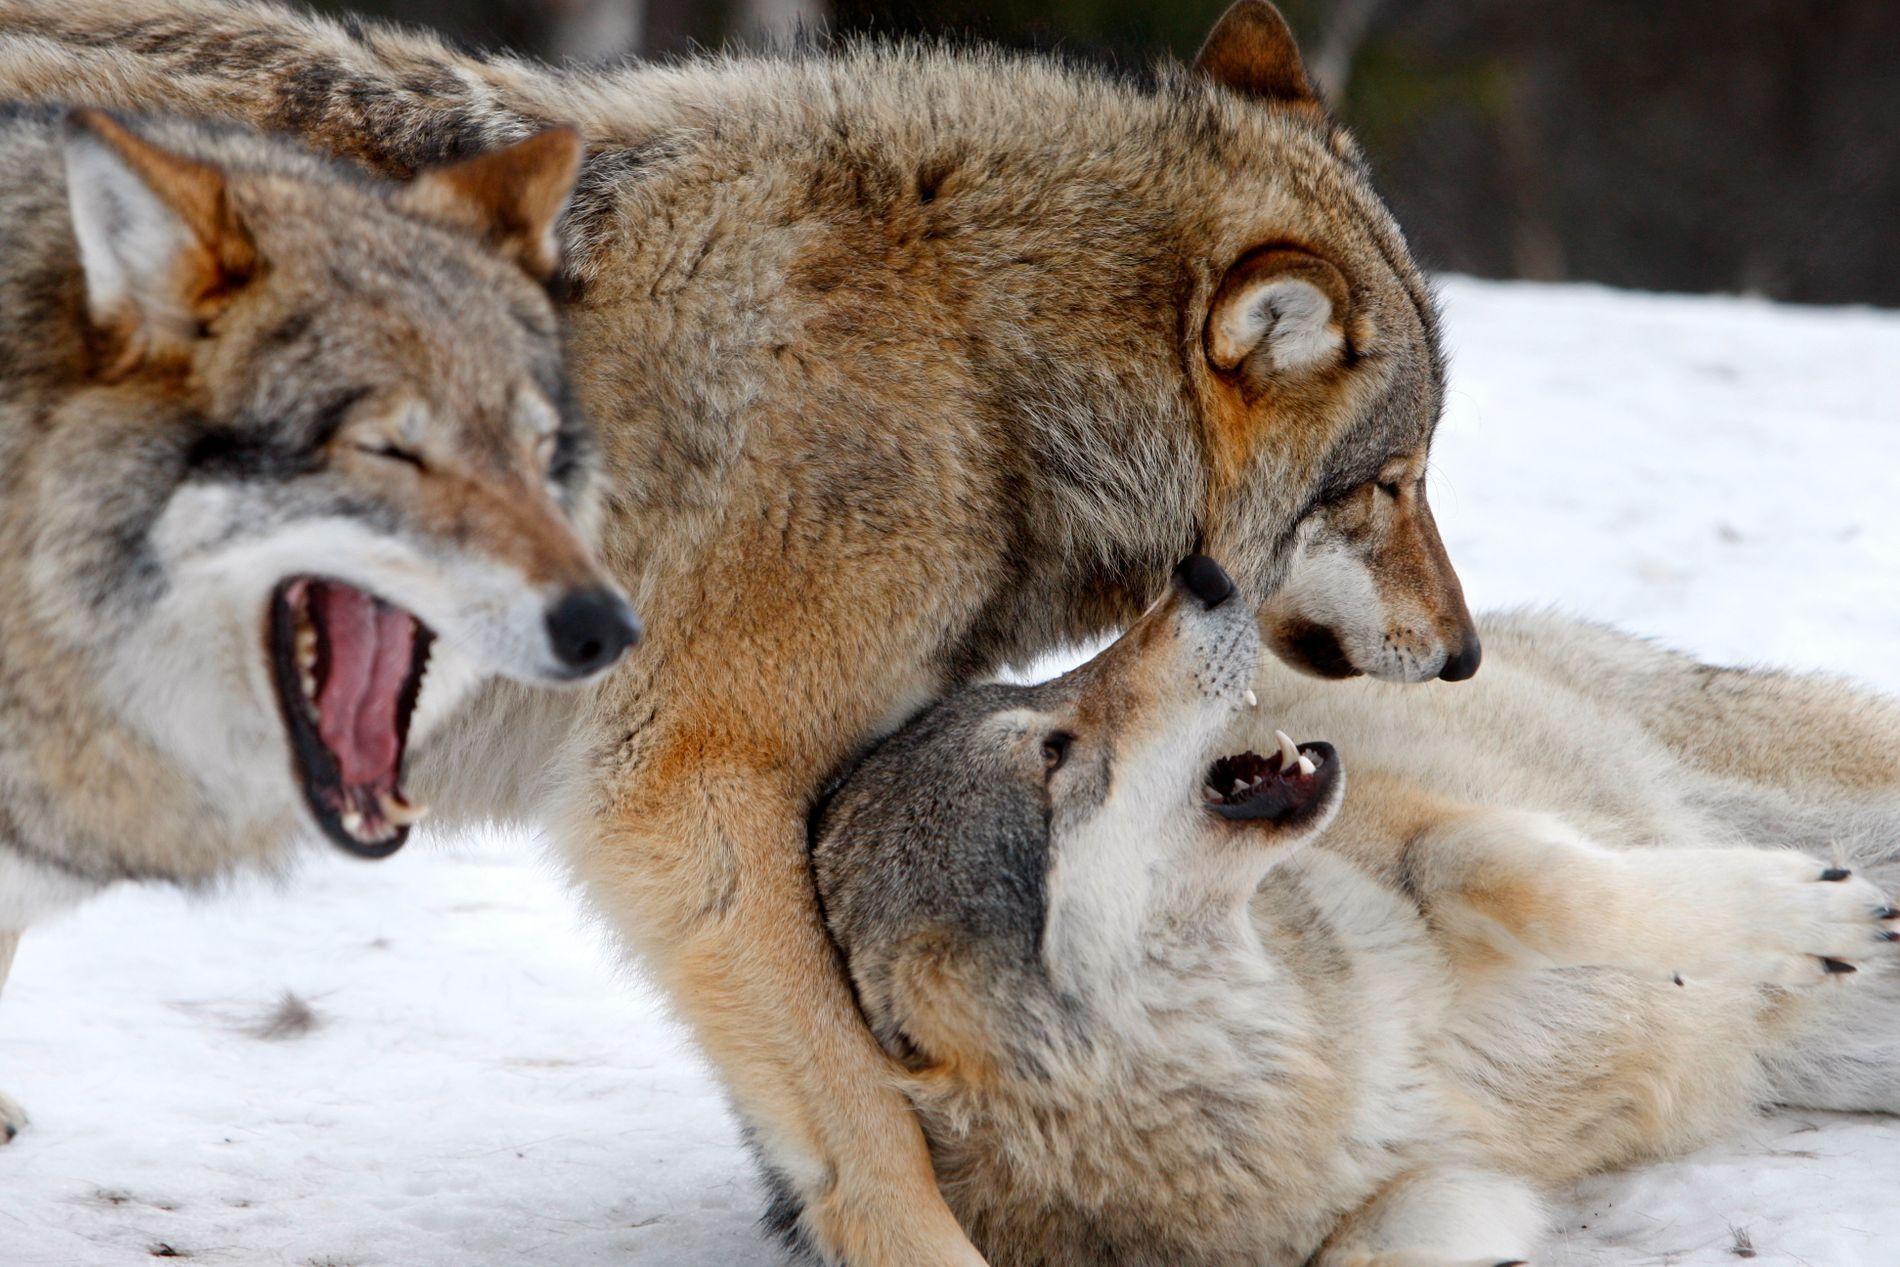 Disse ulvene holder til i Ulveparken Langedrag. Sonen for ulver som lever utenfor parken blir mindre